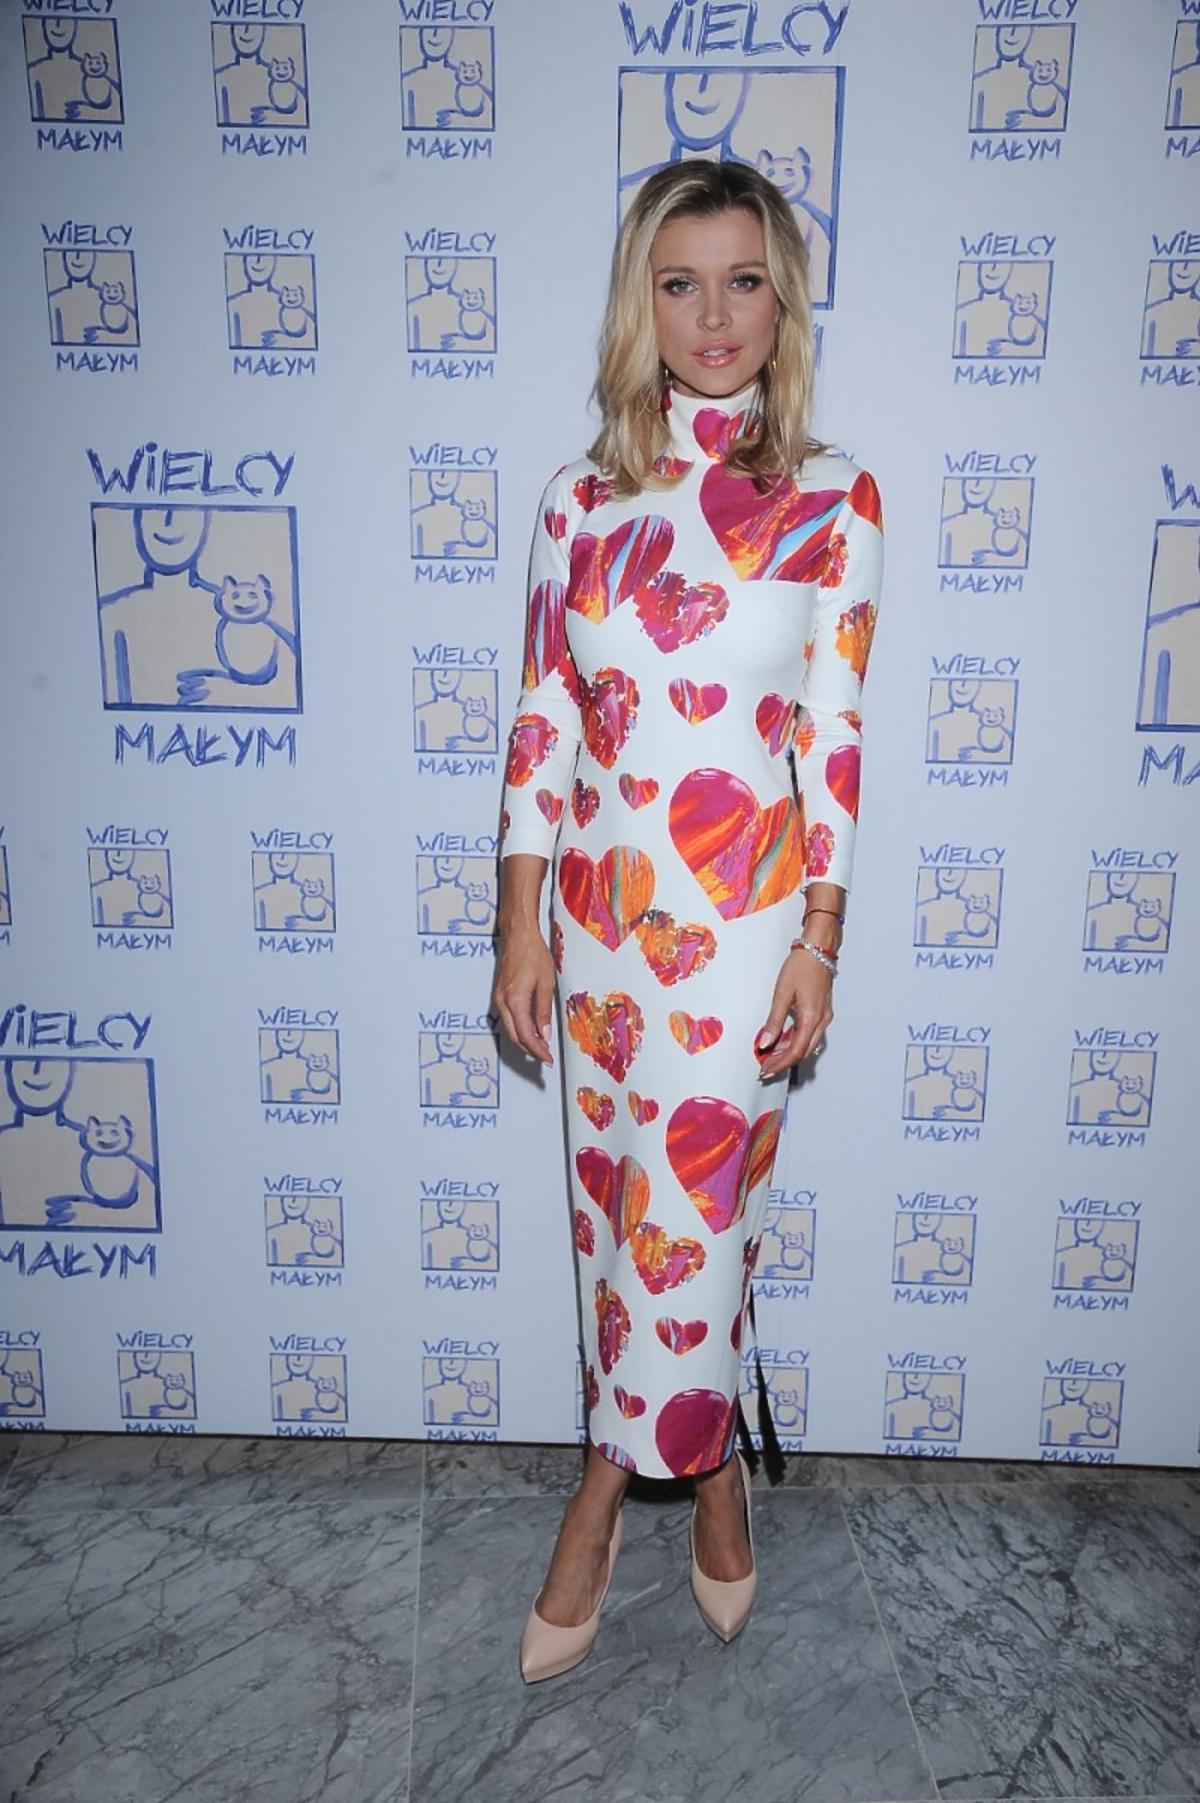 Joanna Krupa w sukni w serca na 8. gali Wielcy-Małym w Hotelu Bristol